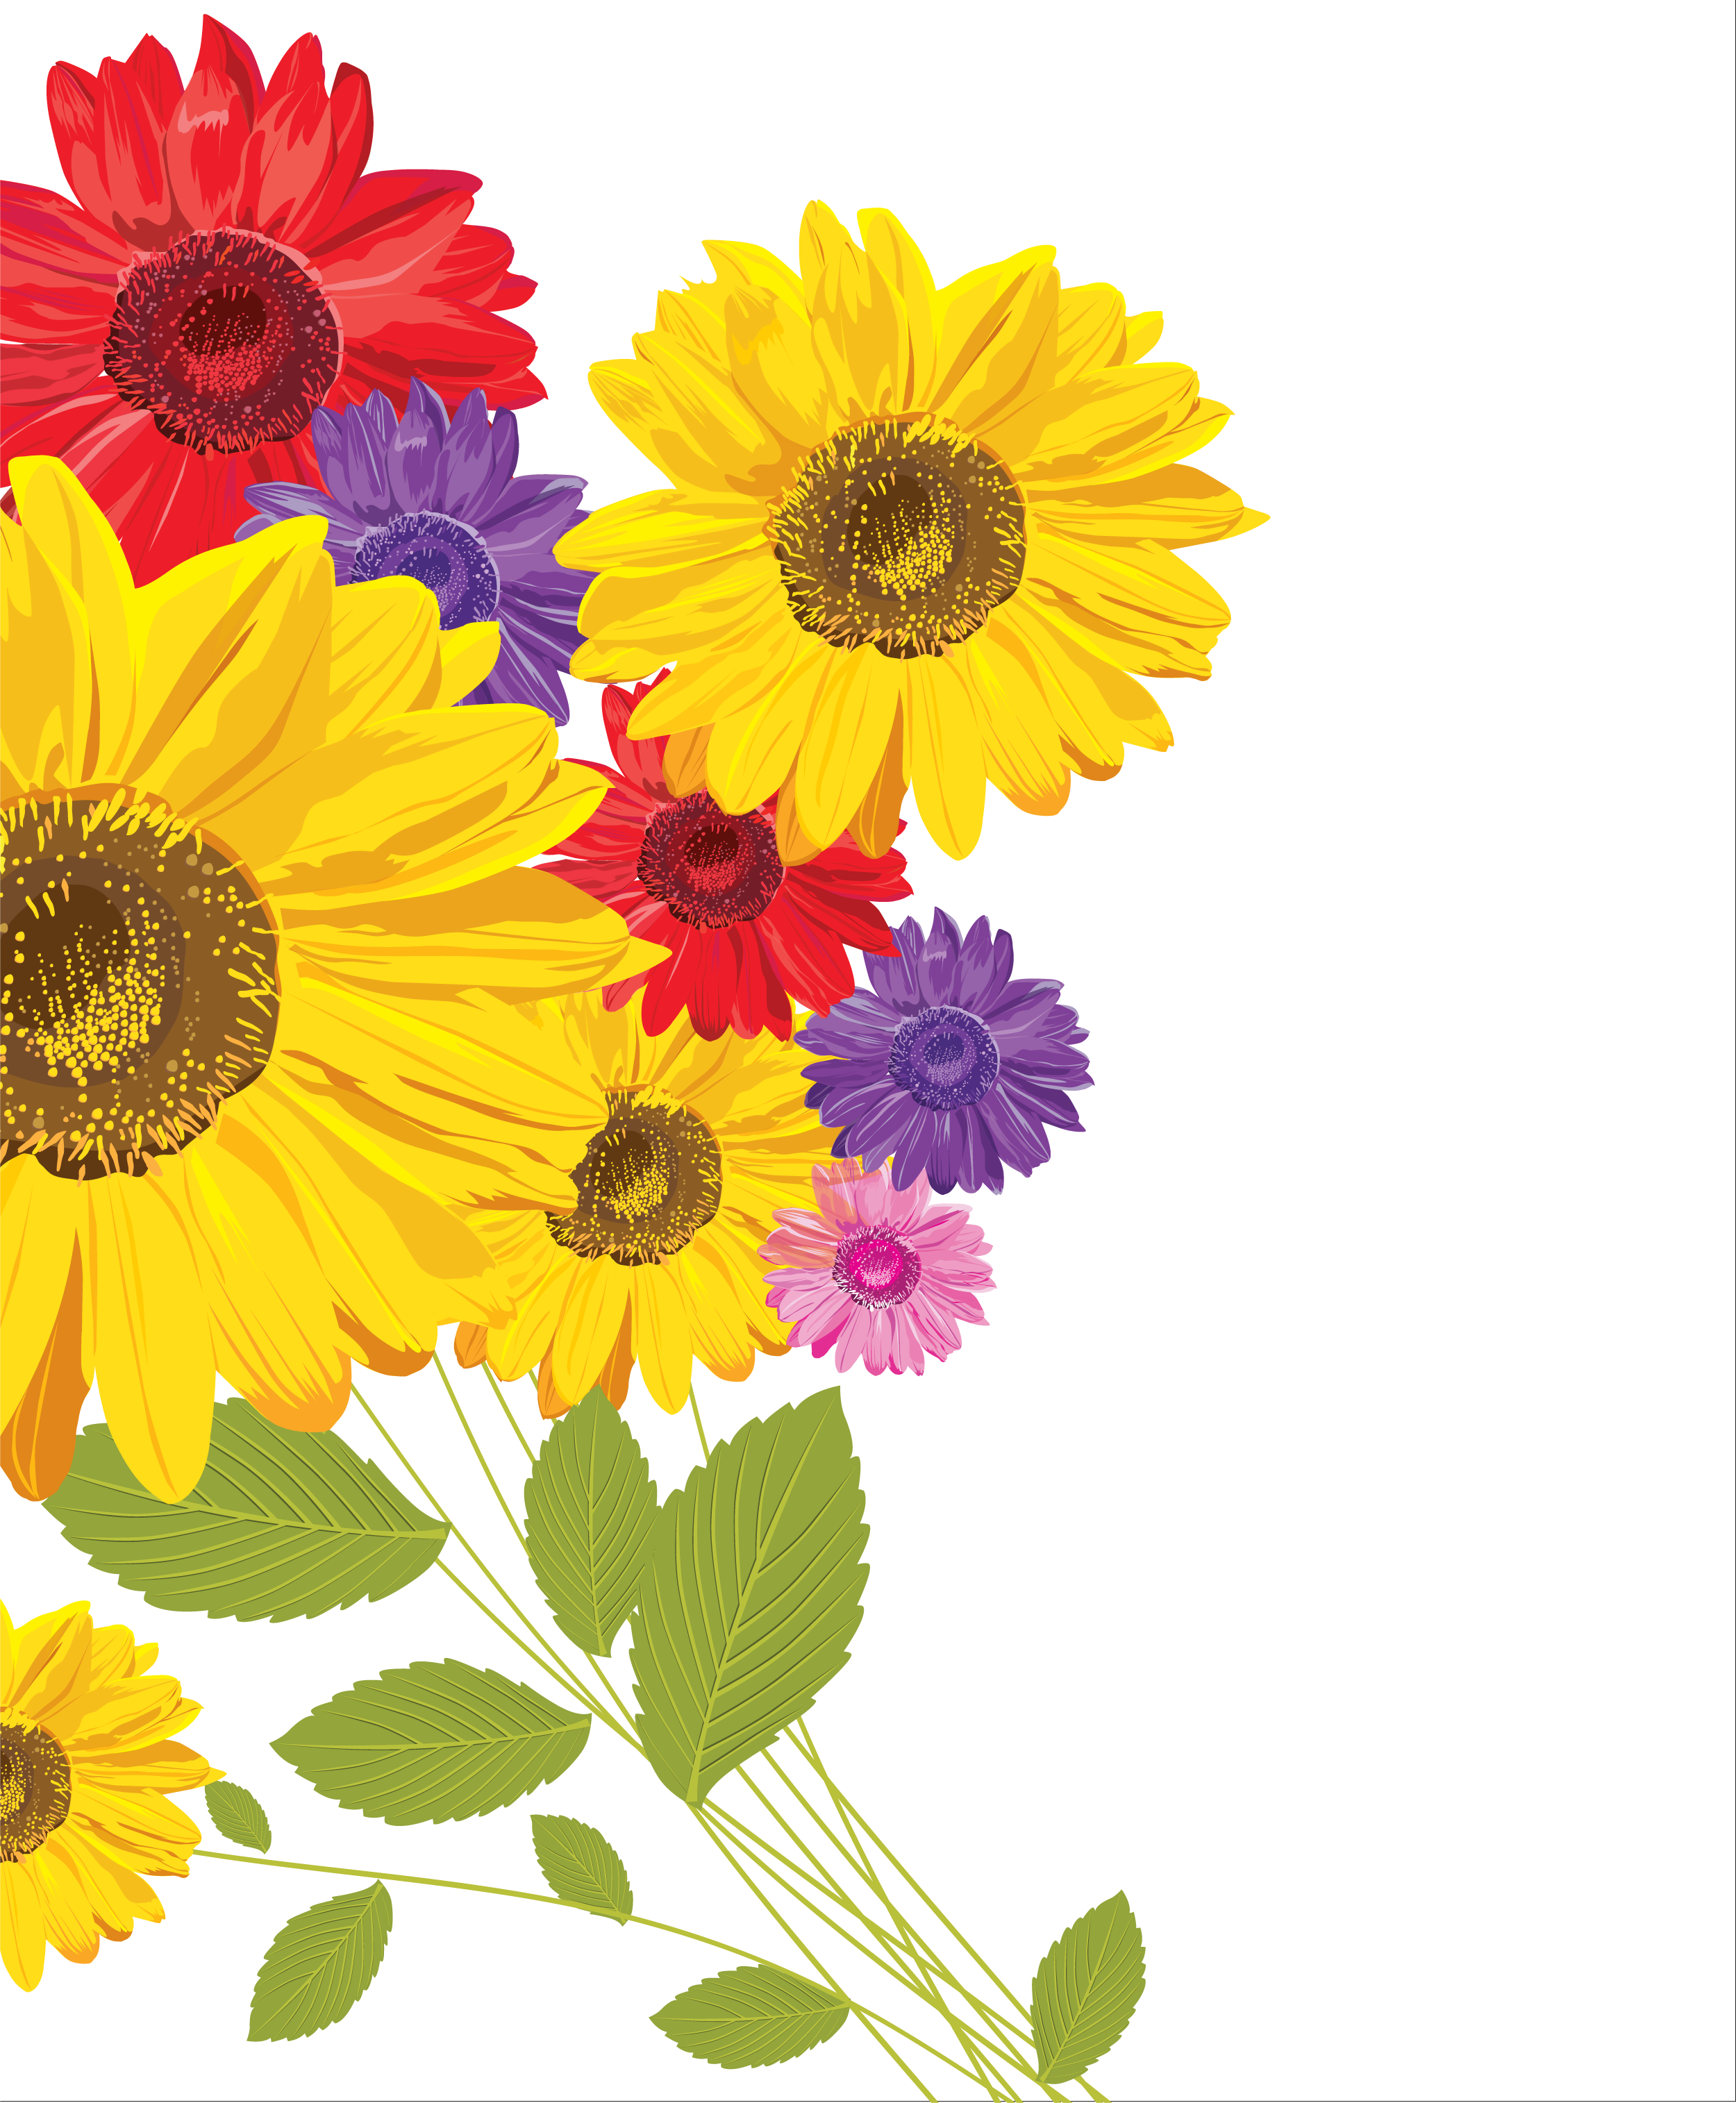 花の壁紙フリーイラスト,向日葵・赤青黄